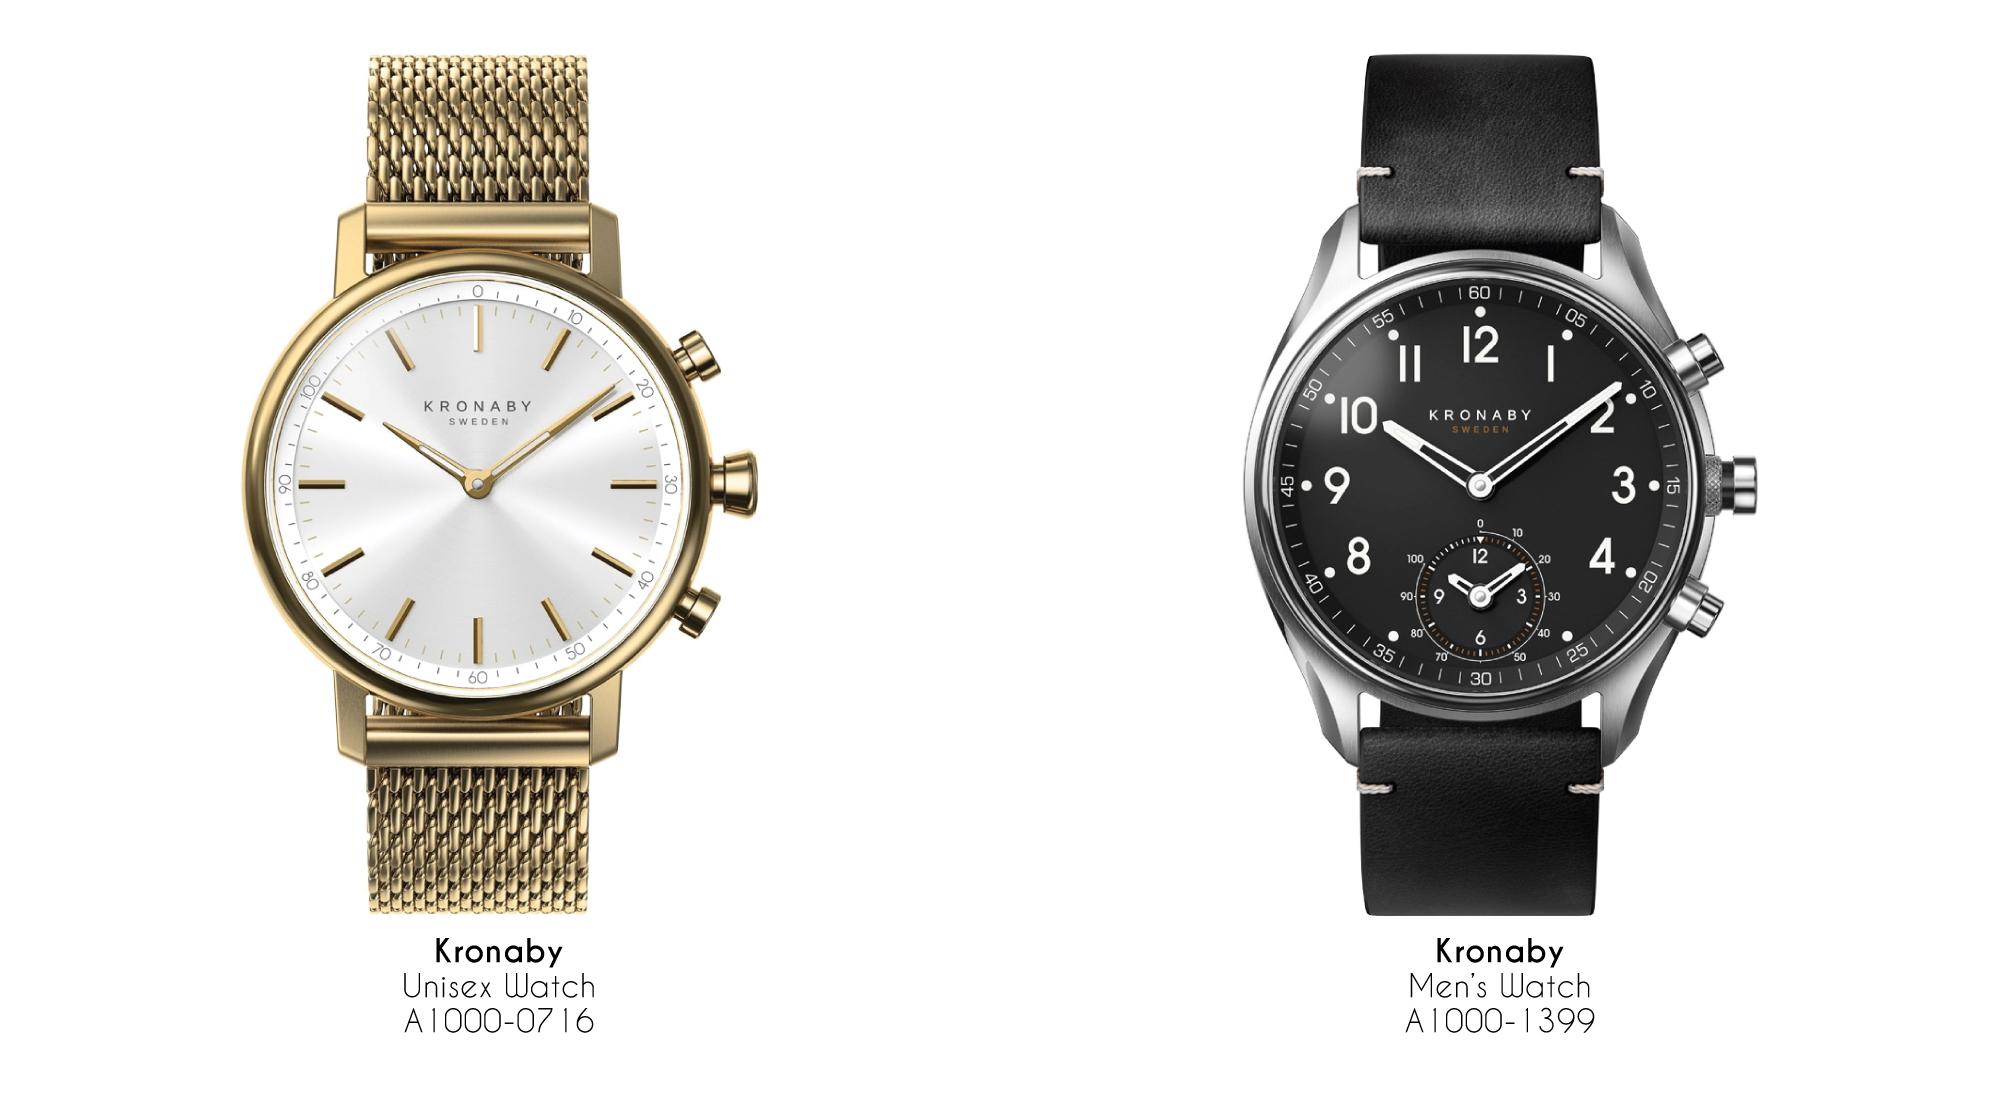 5 Hyrbid Watch Brands Kronaby